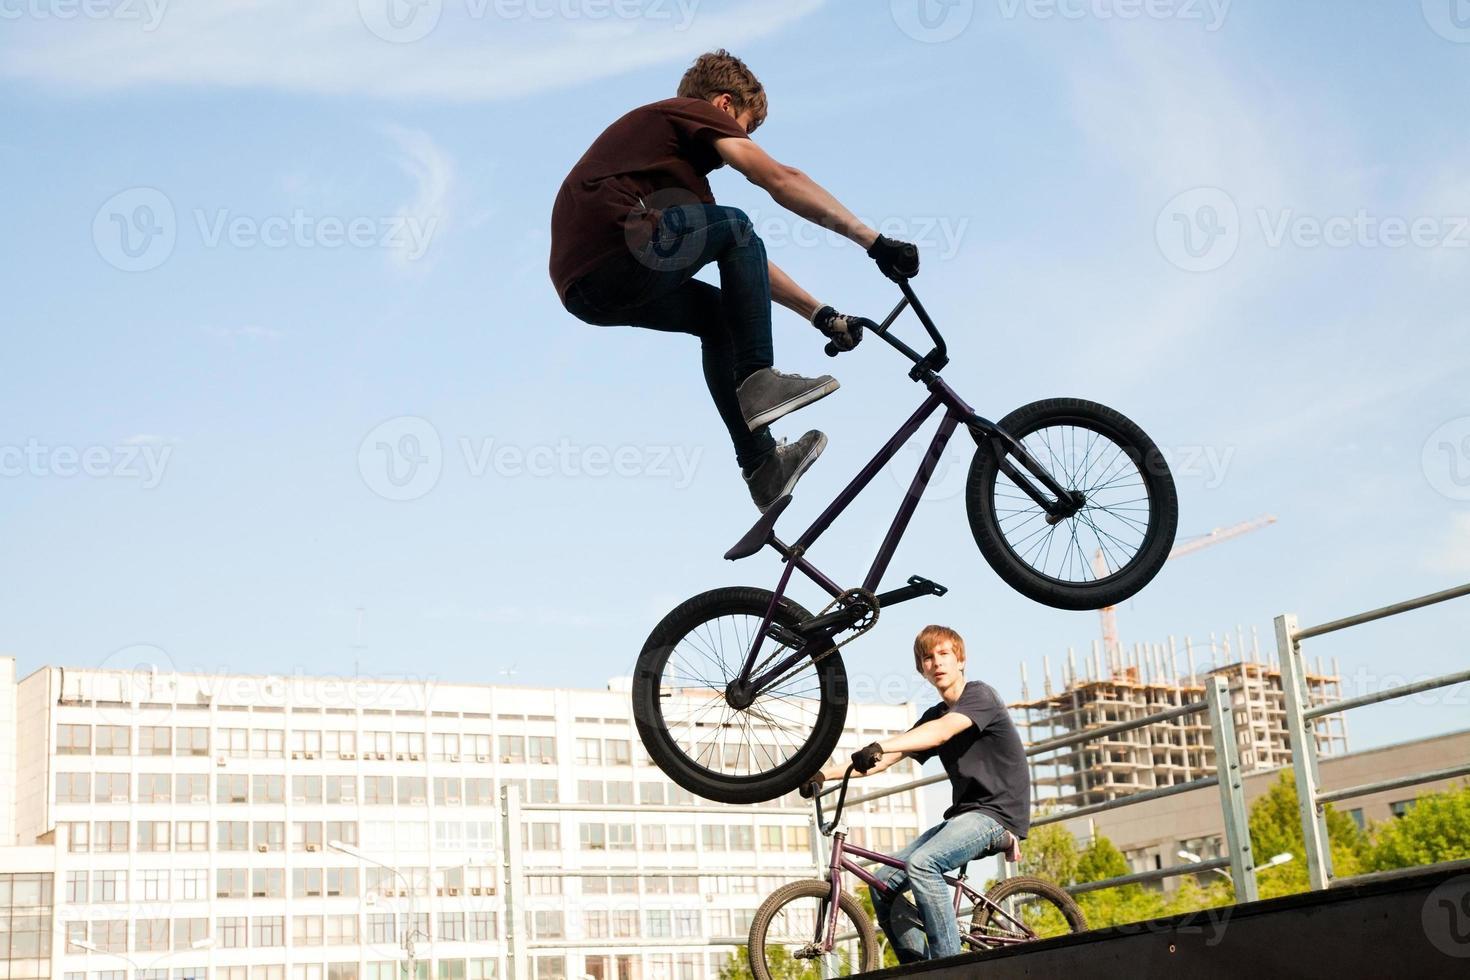 BMX bicycler over ramp photo